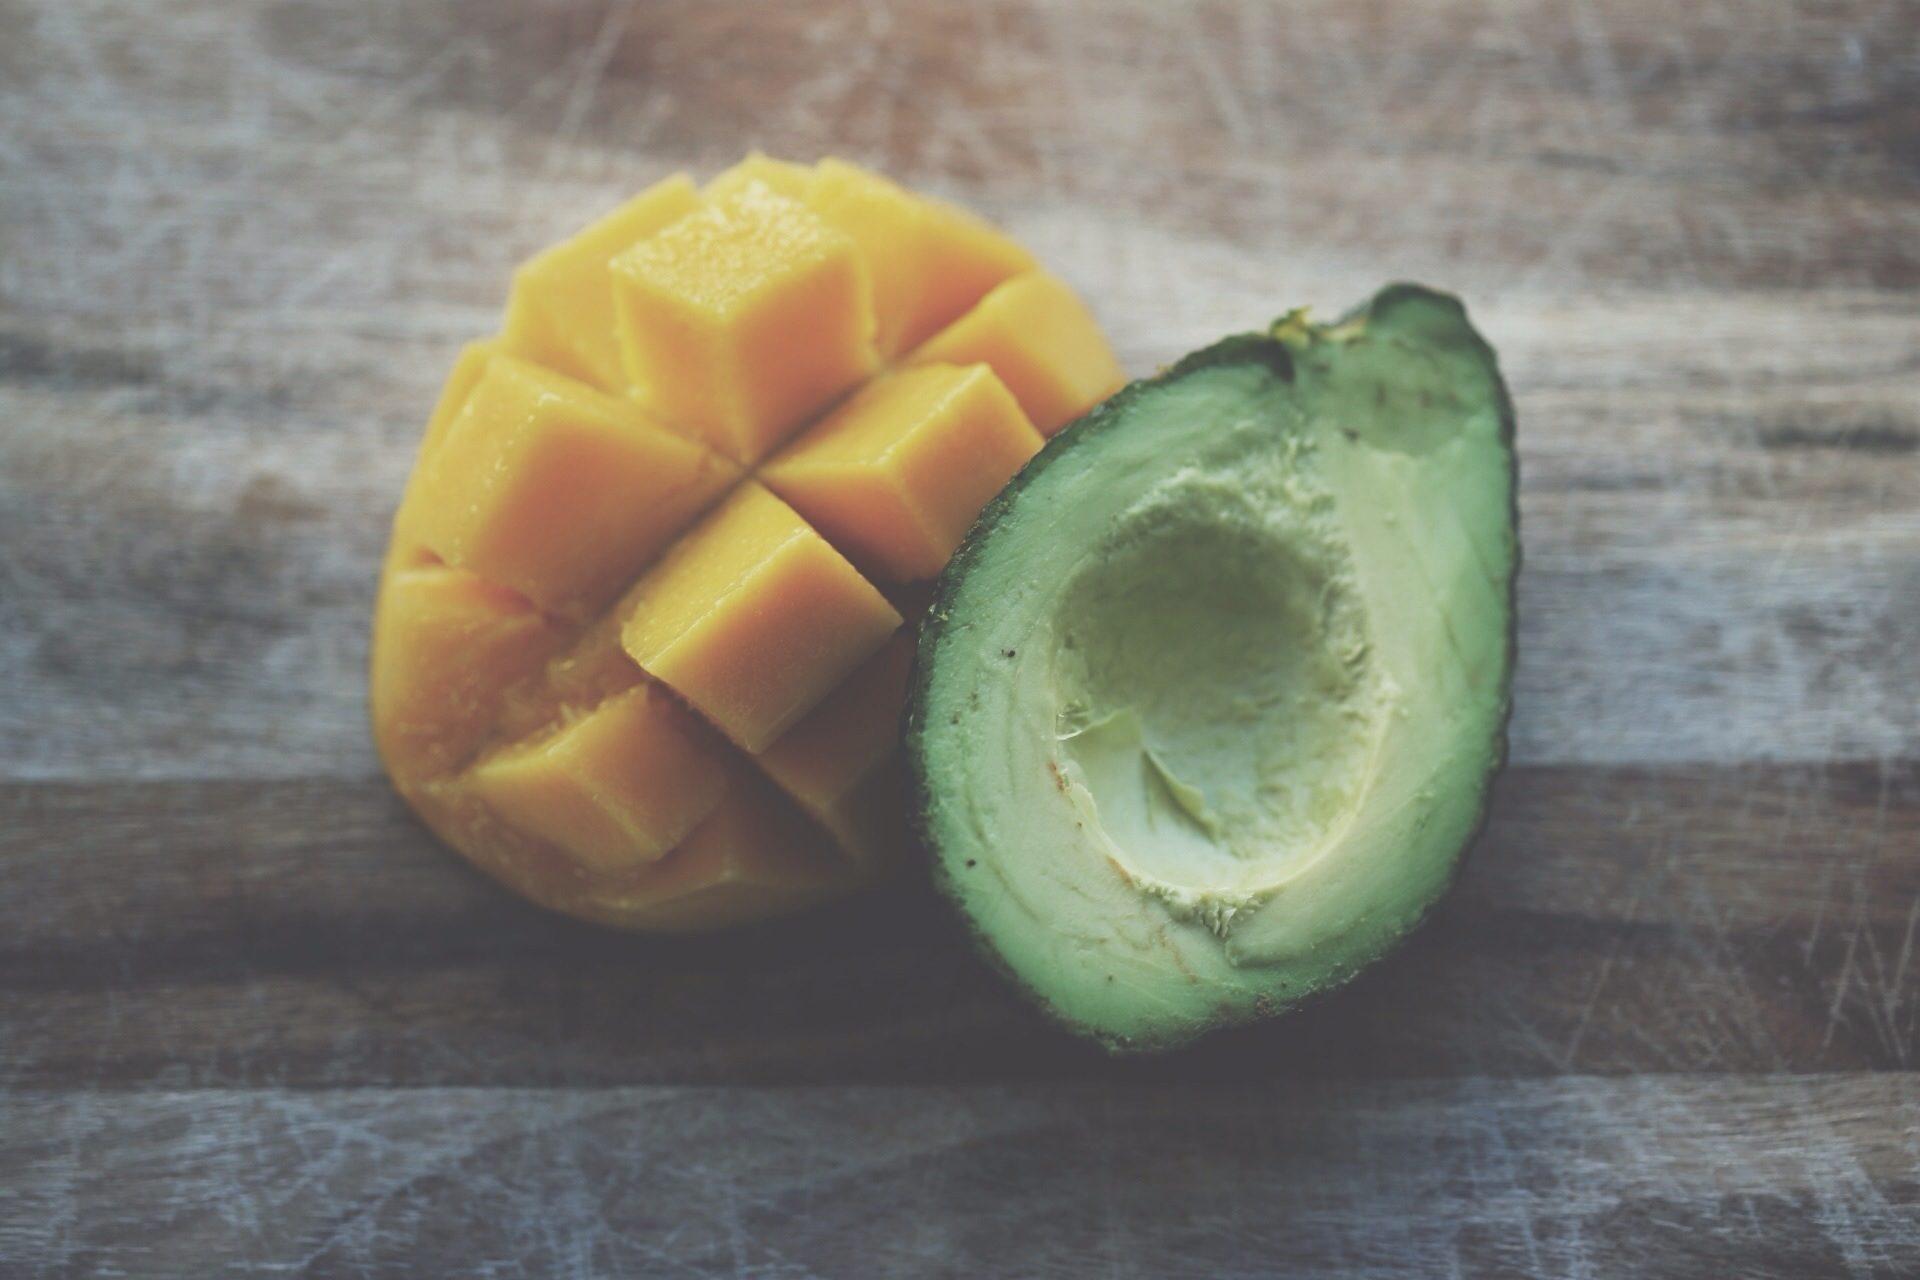 mango, aguacate, फल, लकड़ी, तालिका - HD वॉलपेपर - प्रोफेसर-falken.com